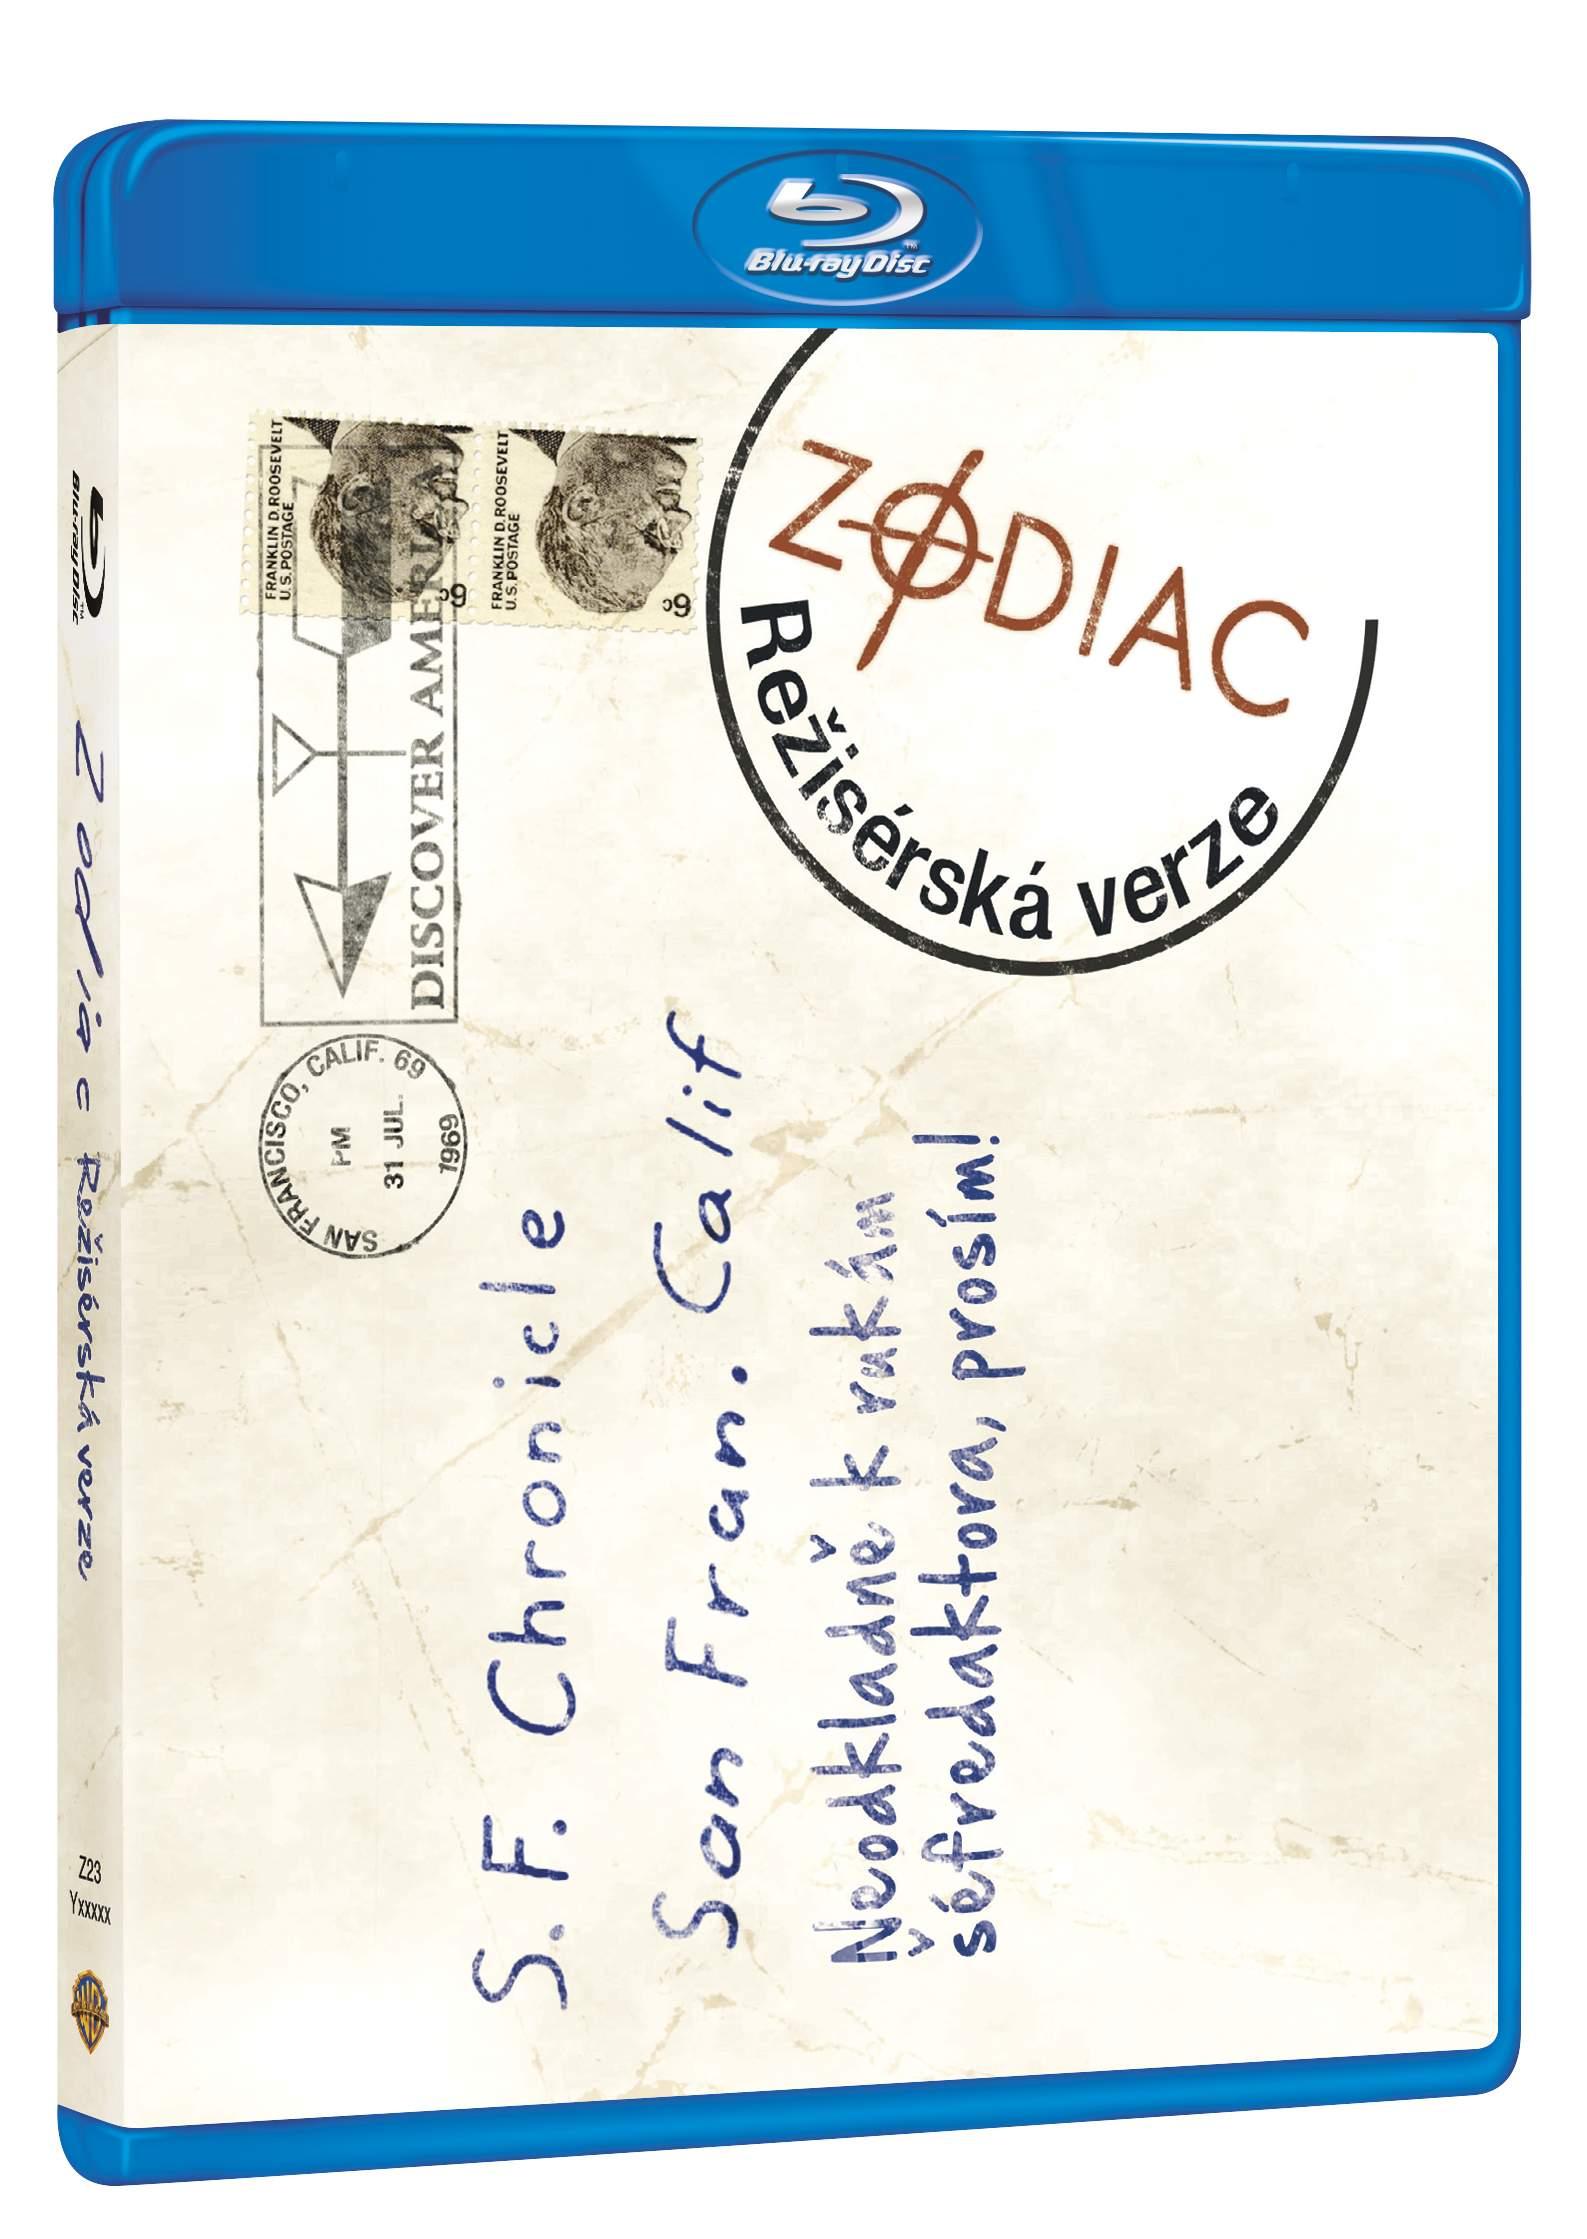 ZODIAC (Režisérská verze) - Blu-ray